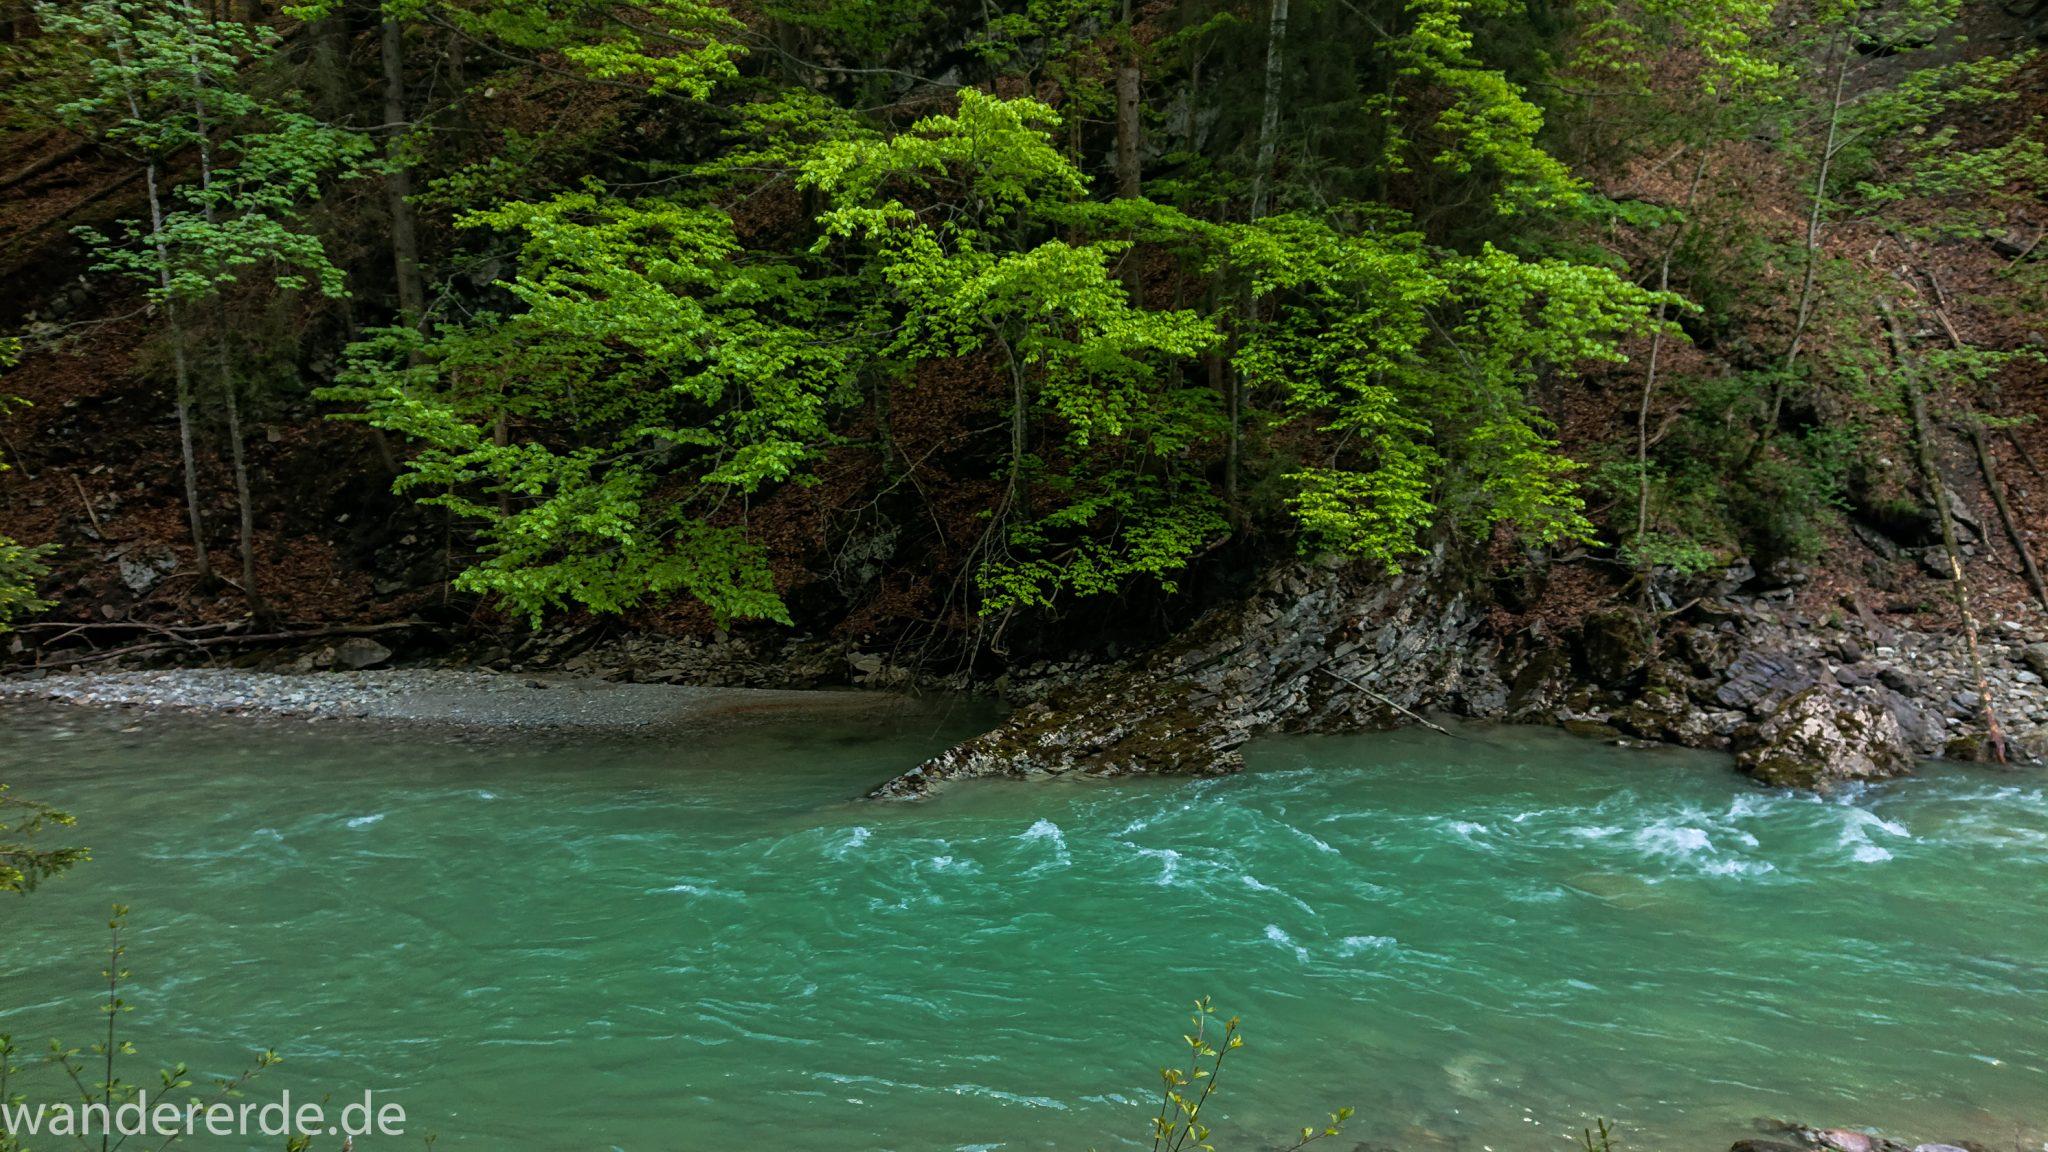 Wanderung zur Kenzenhütte in den Ammergauer Alpen, Frühjahr in den bayerischen Alpen, dichter grüner Wald, schöne Laubbäume, Wanderweg führt entlang schönen, idyllischem Fluss Halblech, nach viel Regen sehr voller Fluss Halblech, mintgrünes Gletscherwasser bahnt sich seinen Weg ins Tal